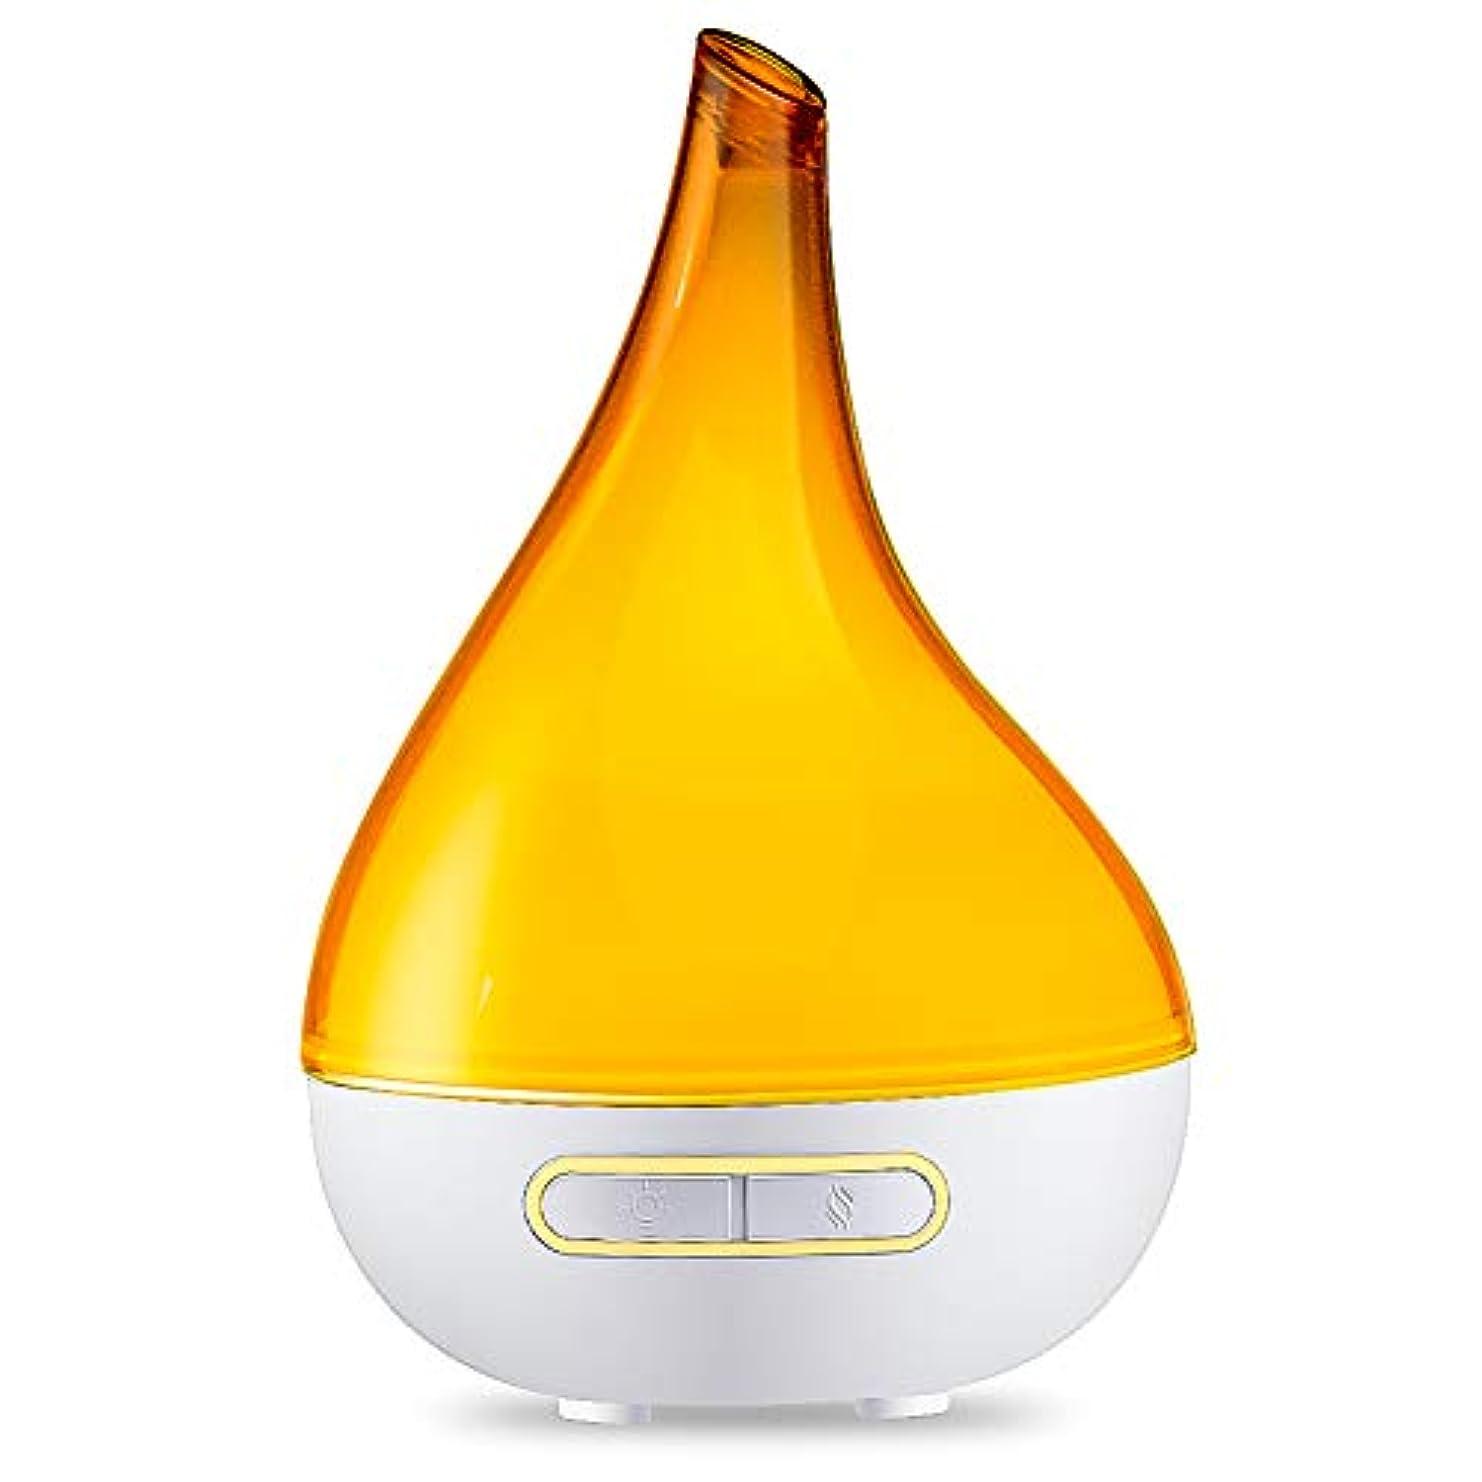 女将減少治安判事超音波 エッセンシャル オイル ディフューザー 電気 涼しい霧の加湿器 調節可能なミスト付け アロマディフューザー 夜間照明付き 赤ちゃんの家-オレンジ 15x23.7cm